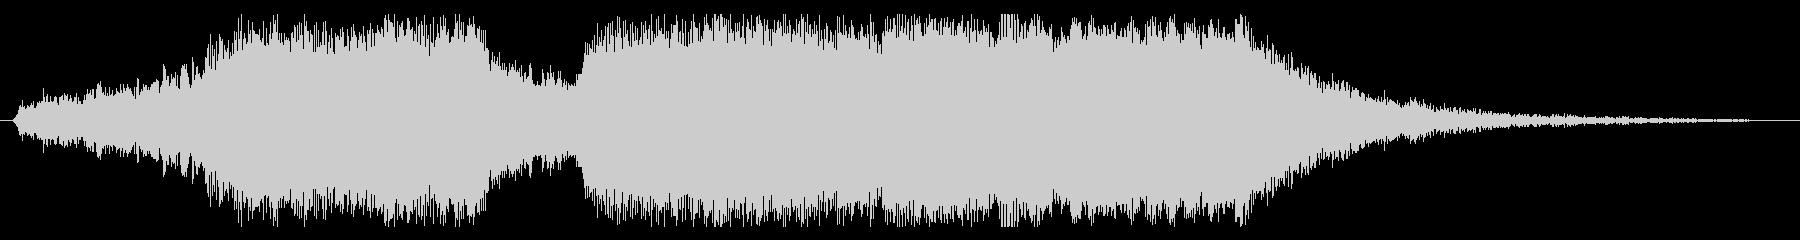 華やかなファンファーレの場面切り替えの未再生の波形